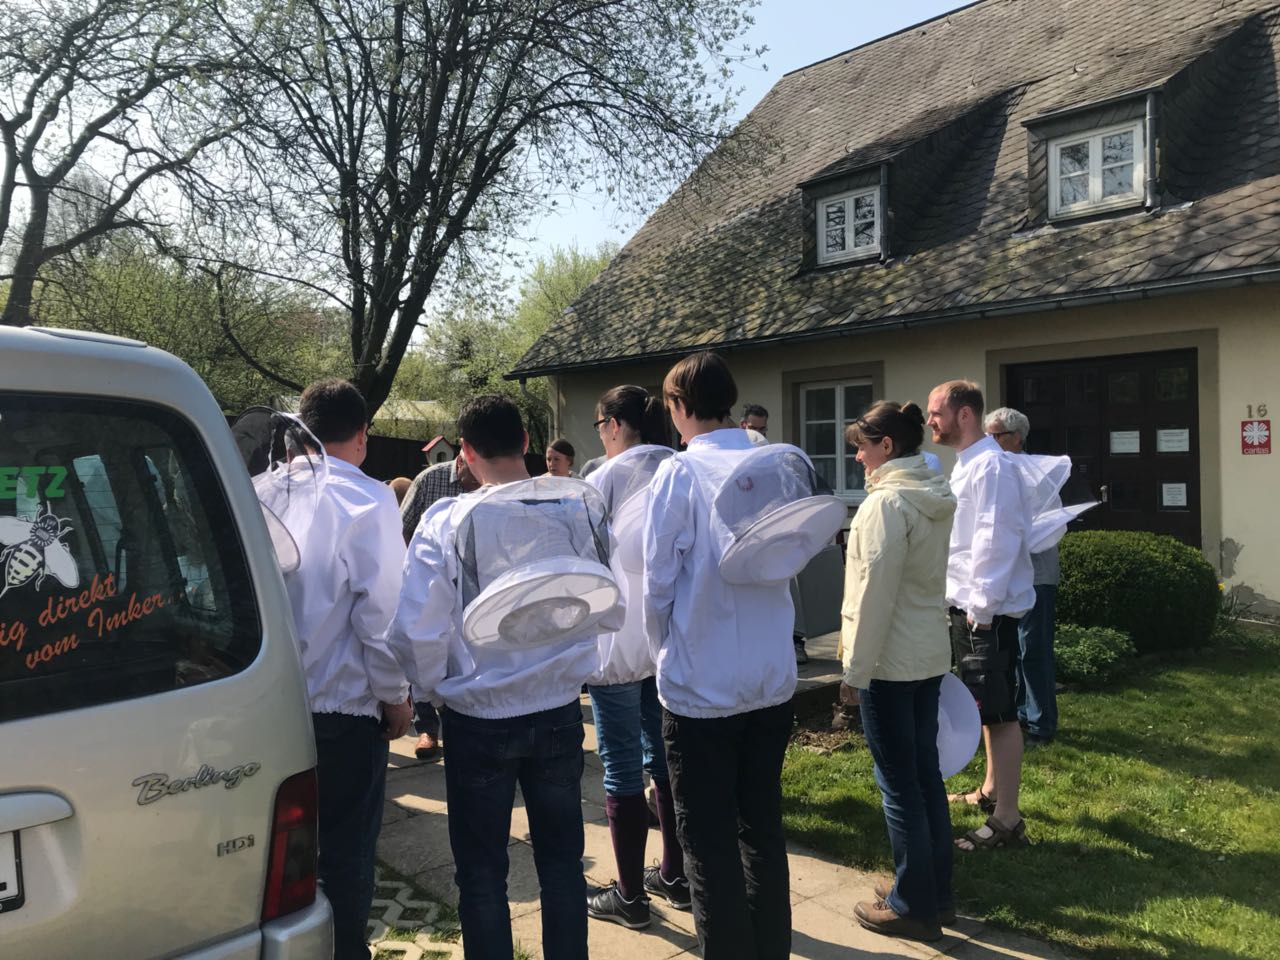 Anfängerkurs startklar vor der Klosterwerkstatt